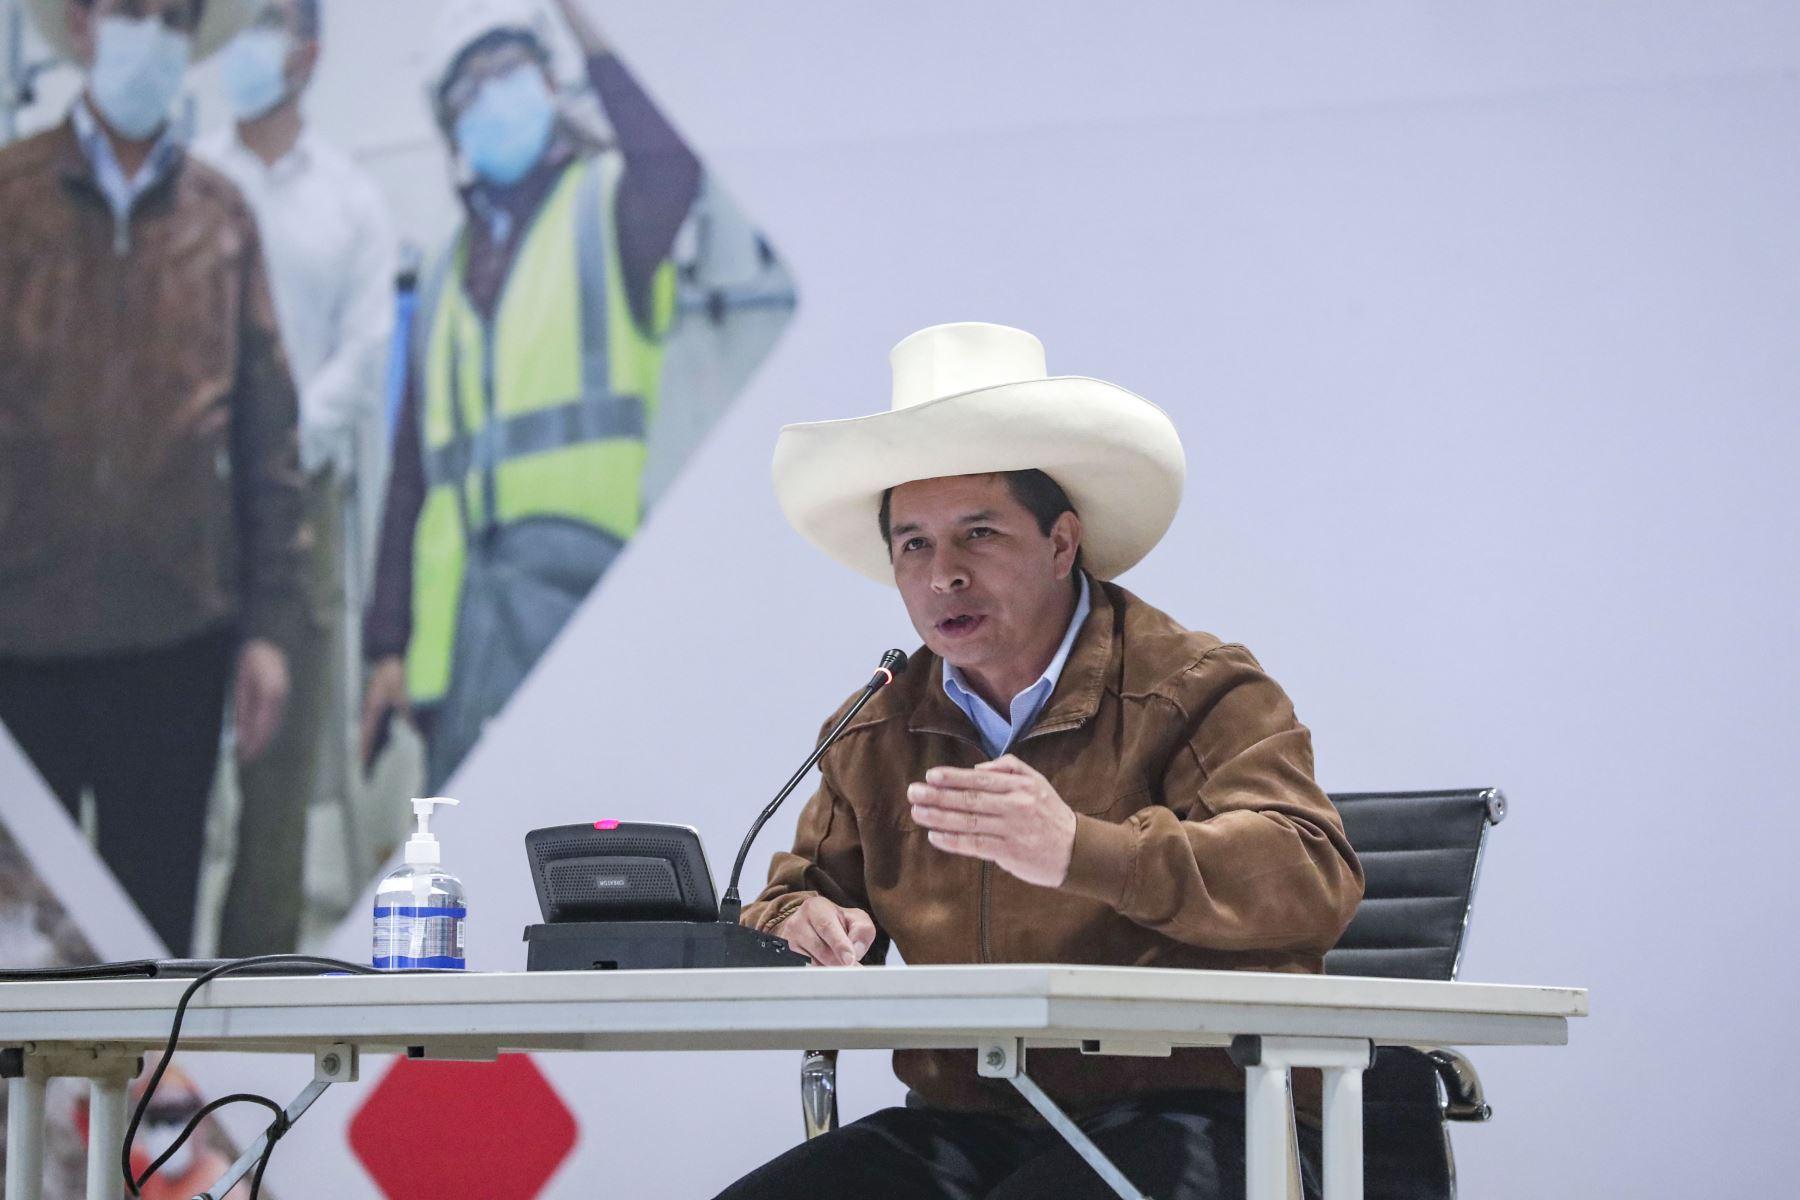 El presidente Pedro Castillo, acompañado por el titular del ministerio de Trabajo Iber Maraví, participa en la clausura del Primer Encuentro del Gobierno del Pueblo con las Organizaciones Sindicales. Foto: ANDINA/ Prensa Presidencia.